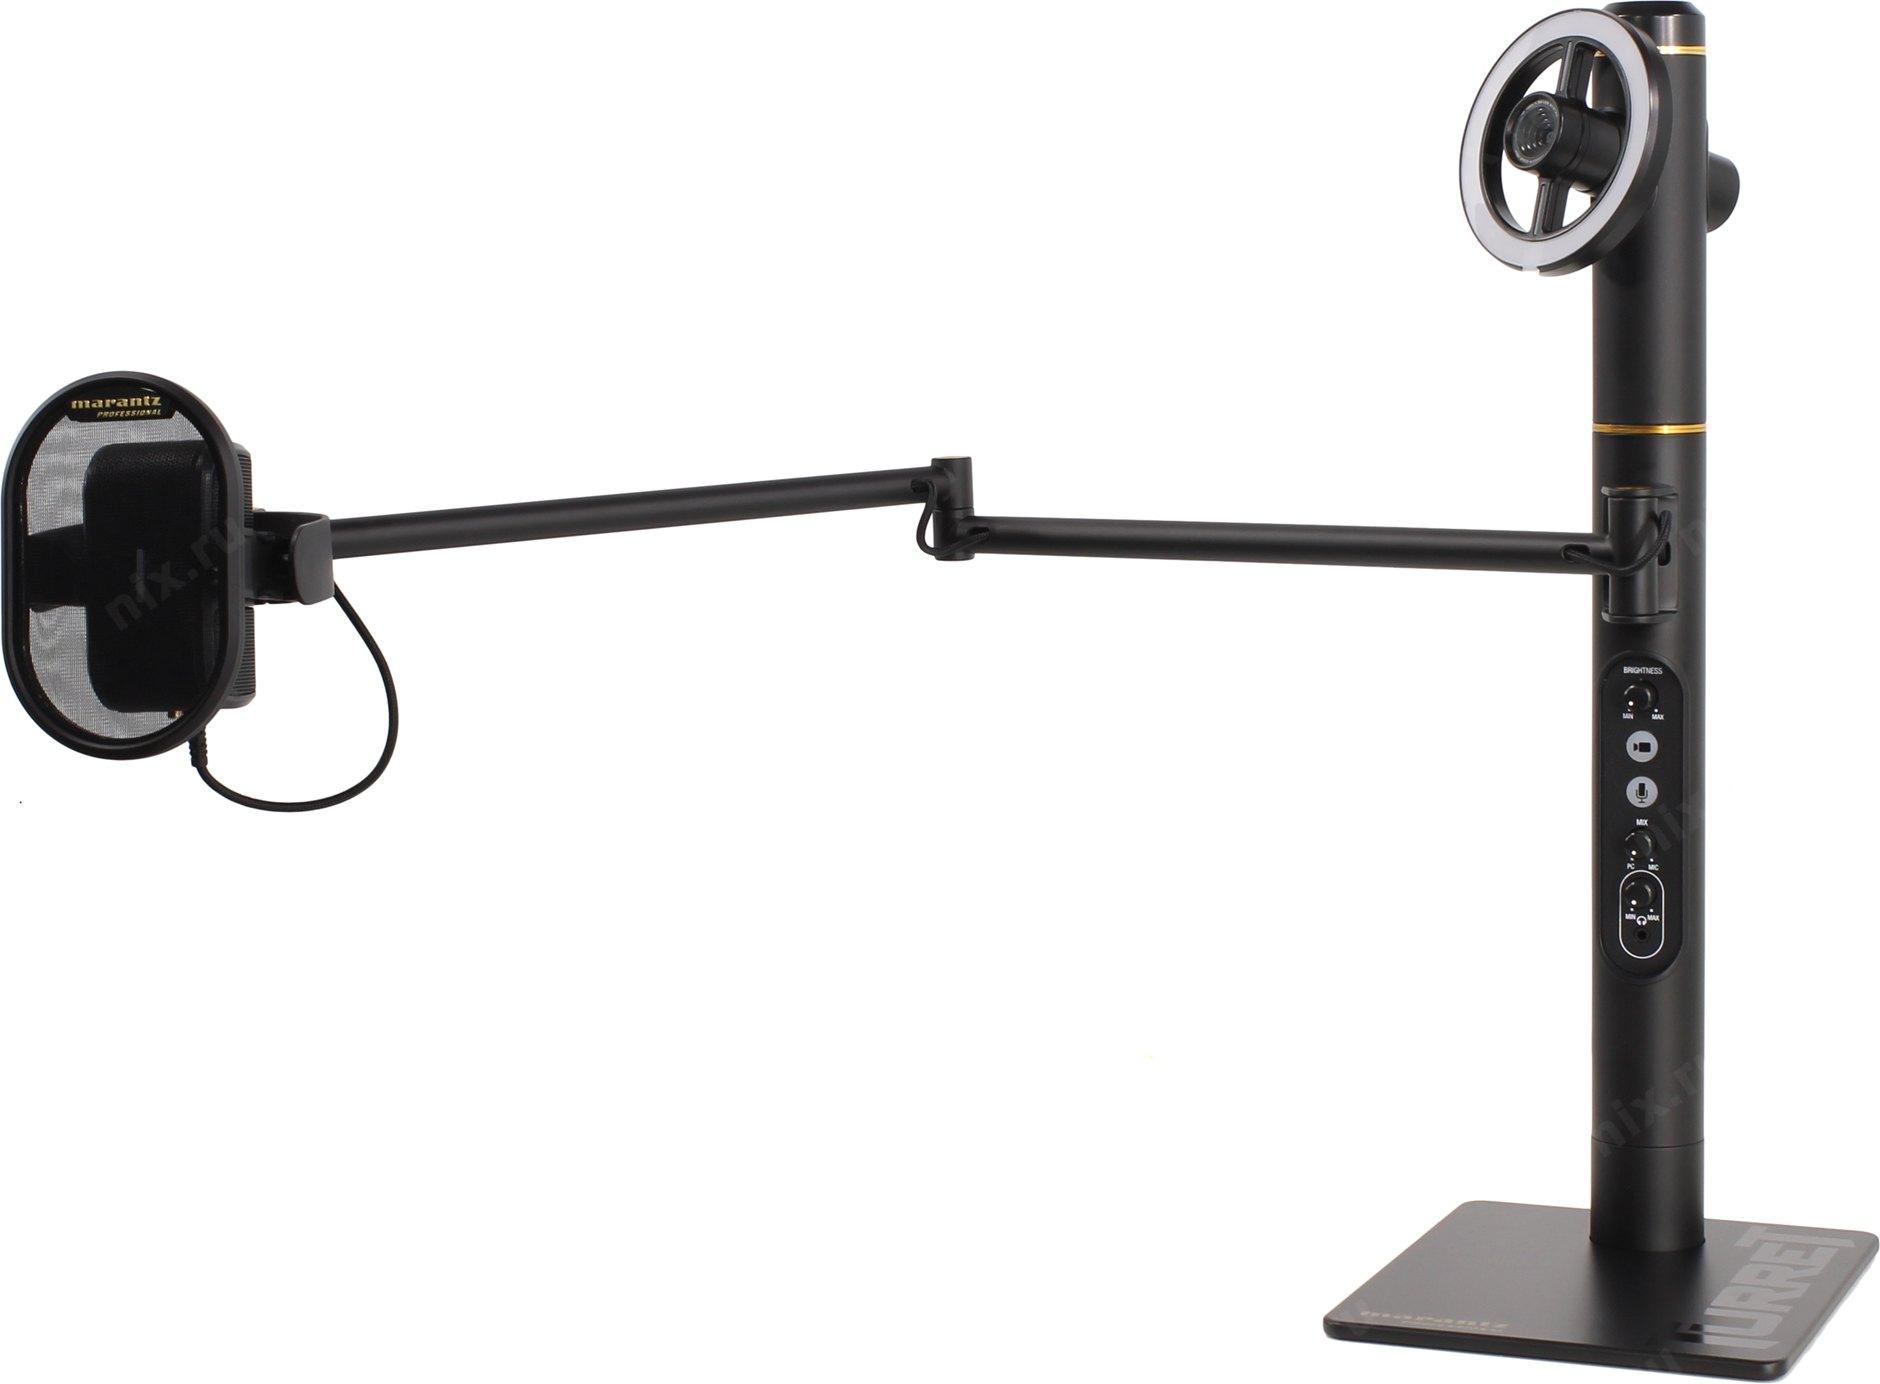 Веб-камера Marantz TURRET — купить, цена и характеристики, отзывы